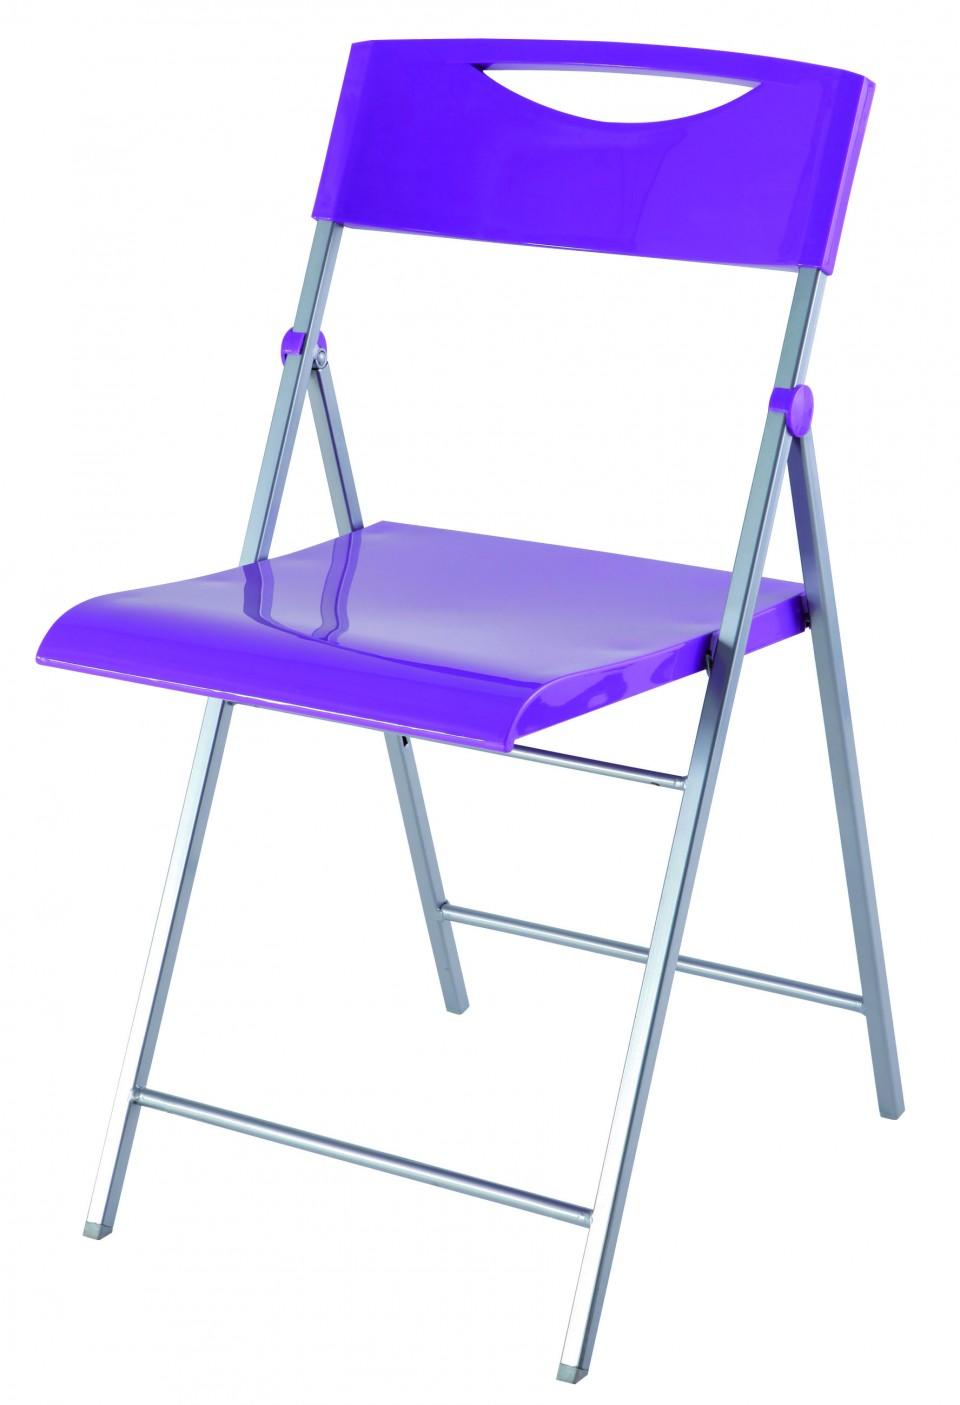 chaise pliante sky achat chaise pliante votre mobilier collectivite 64 00. Black Bedroom Furniture Sets. Home Design Ideas